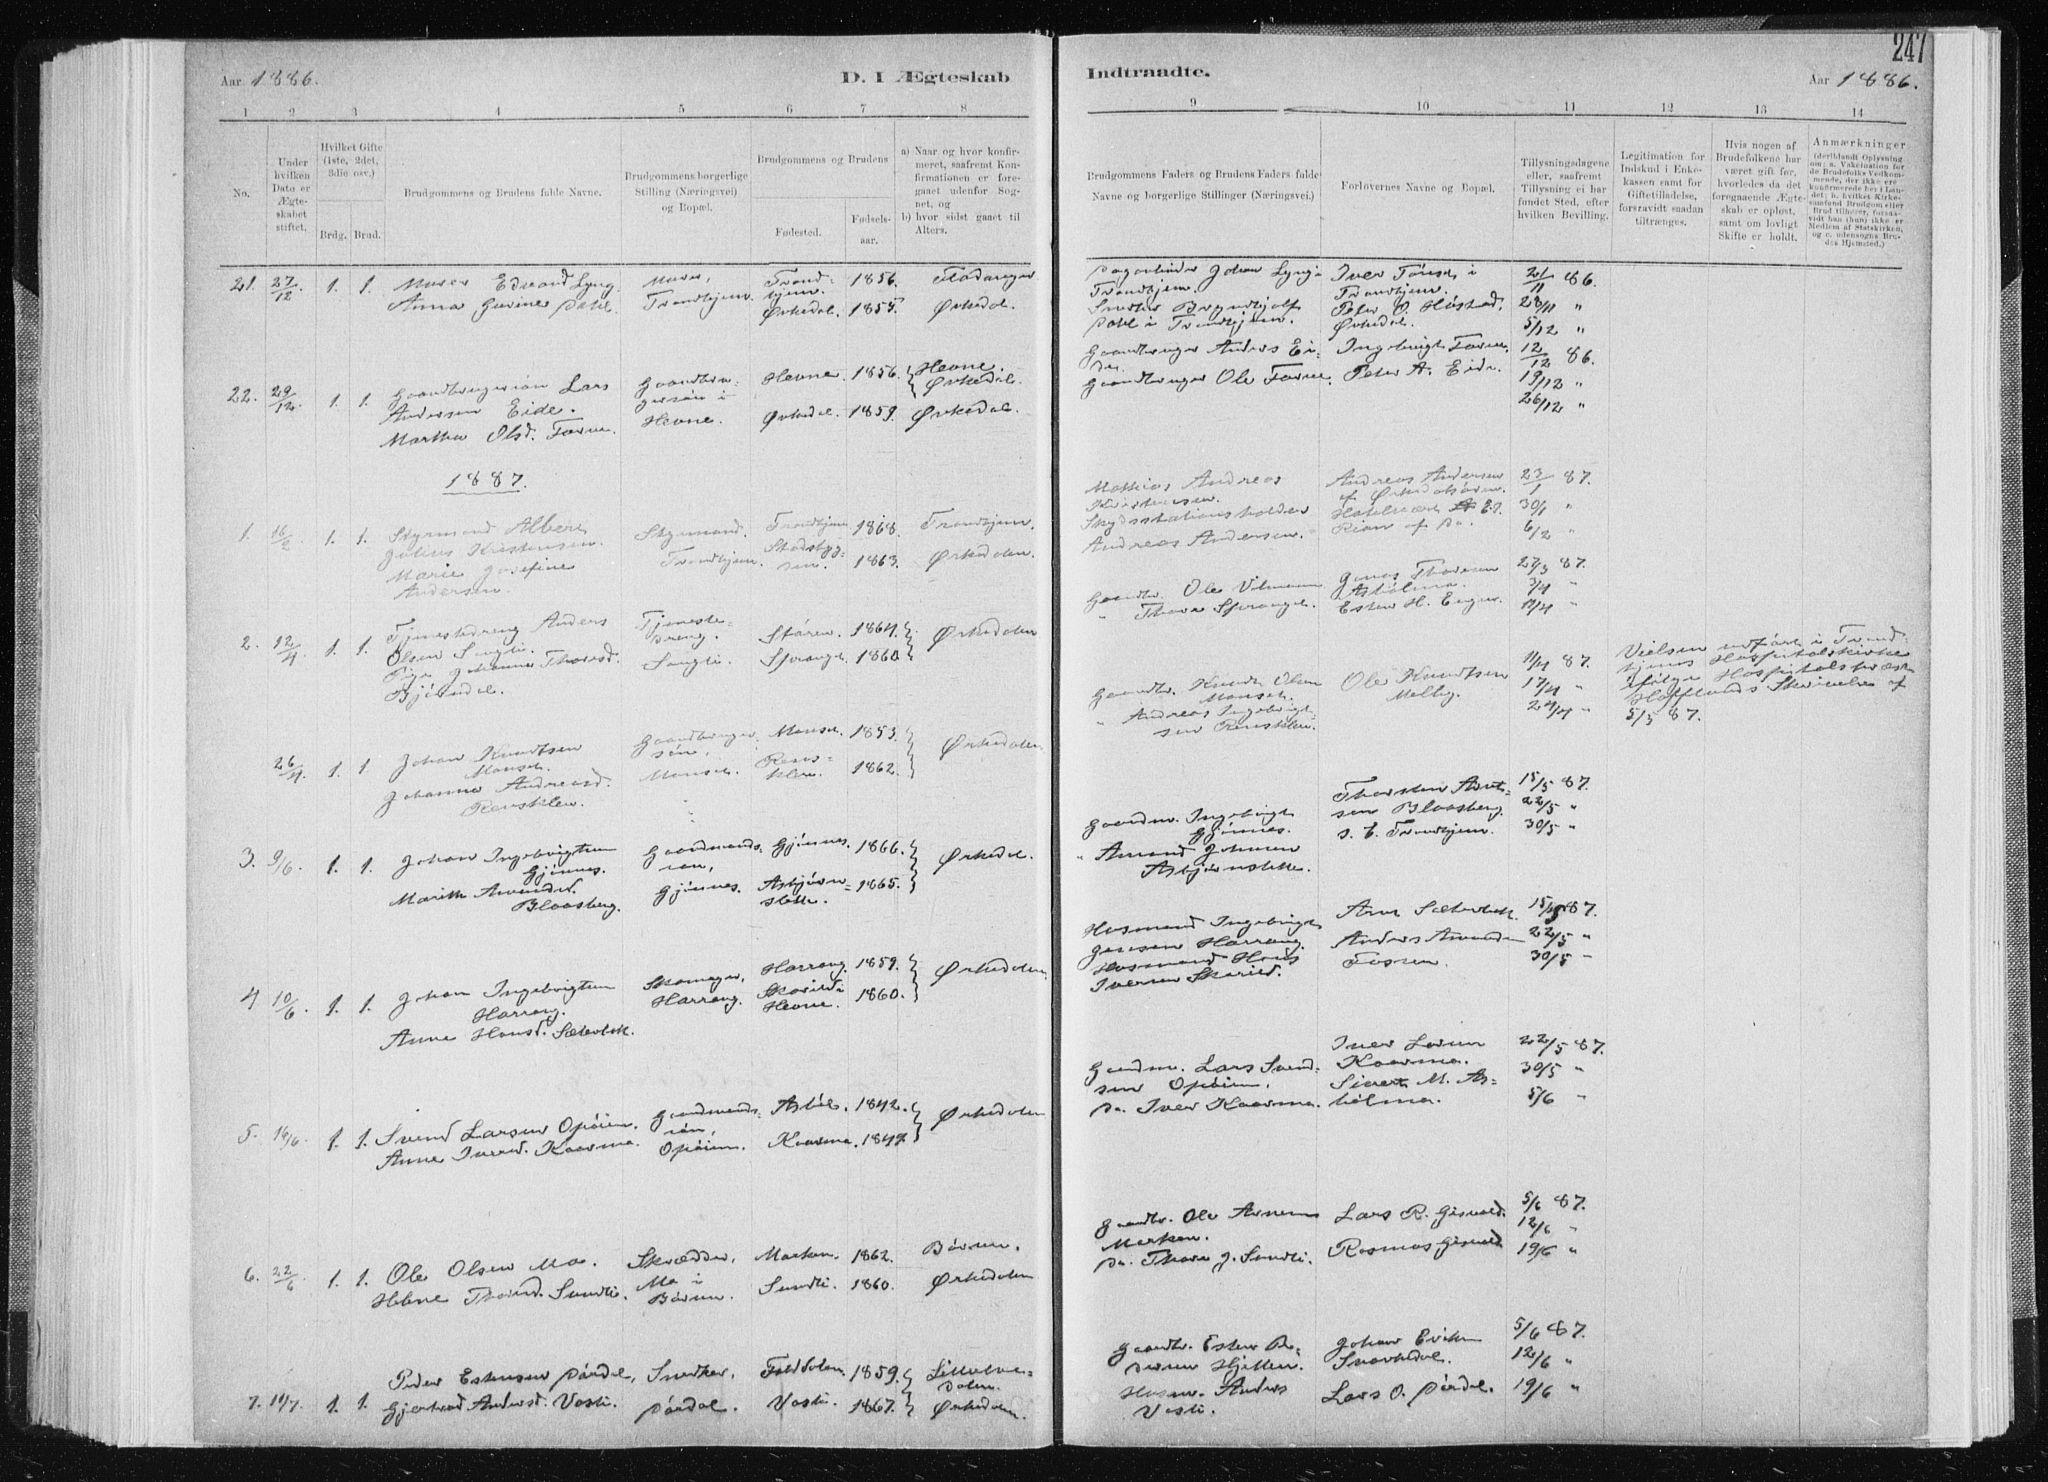 SAT, Ministerialprotokoller, klokkerbøker og fødselsregistre - Sør-Trøndelag, 668/L0818: Klokkerbok nr. 668C07, 1885-1898, s. 247